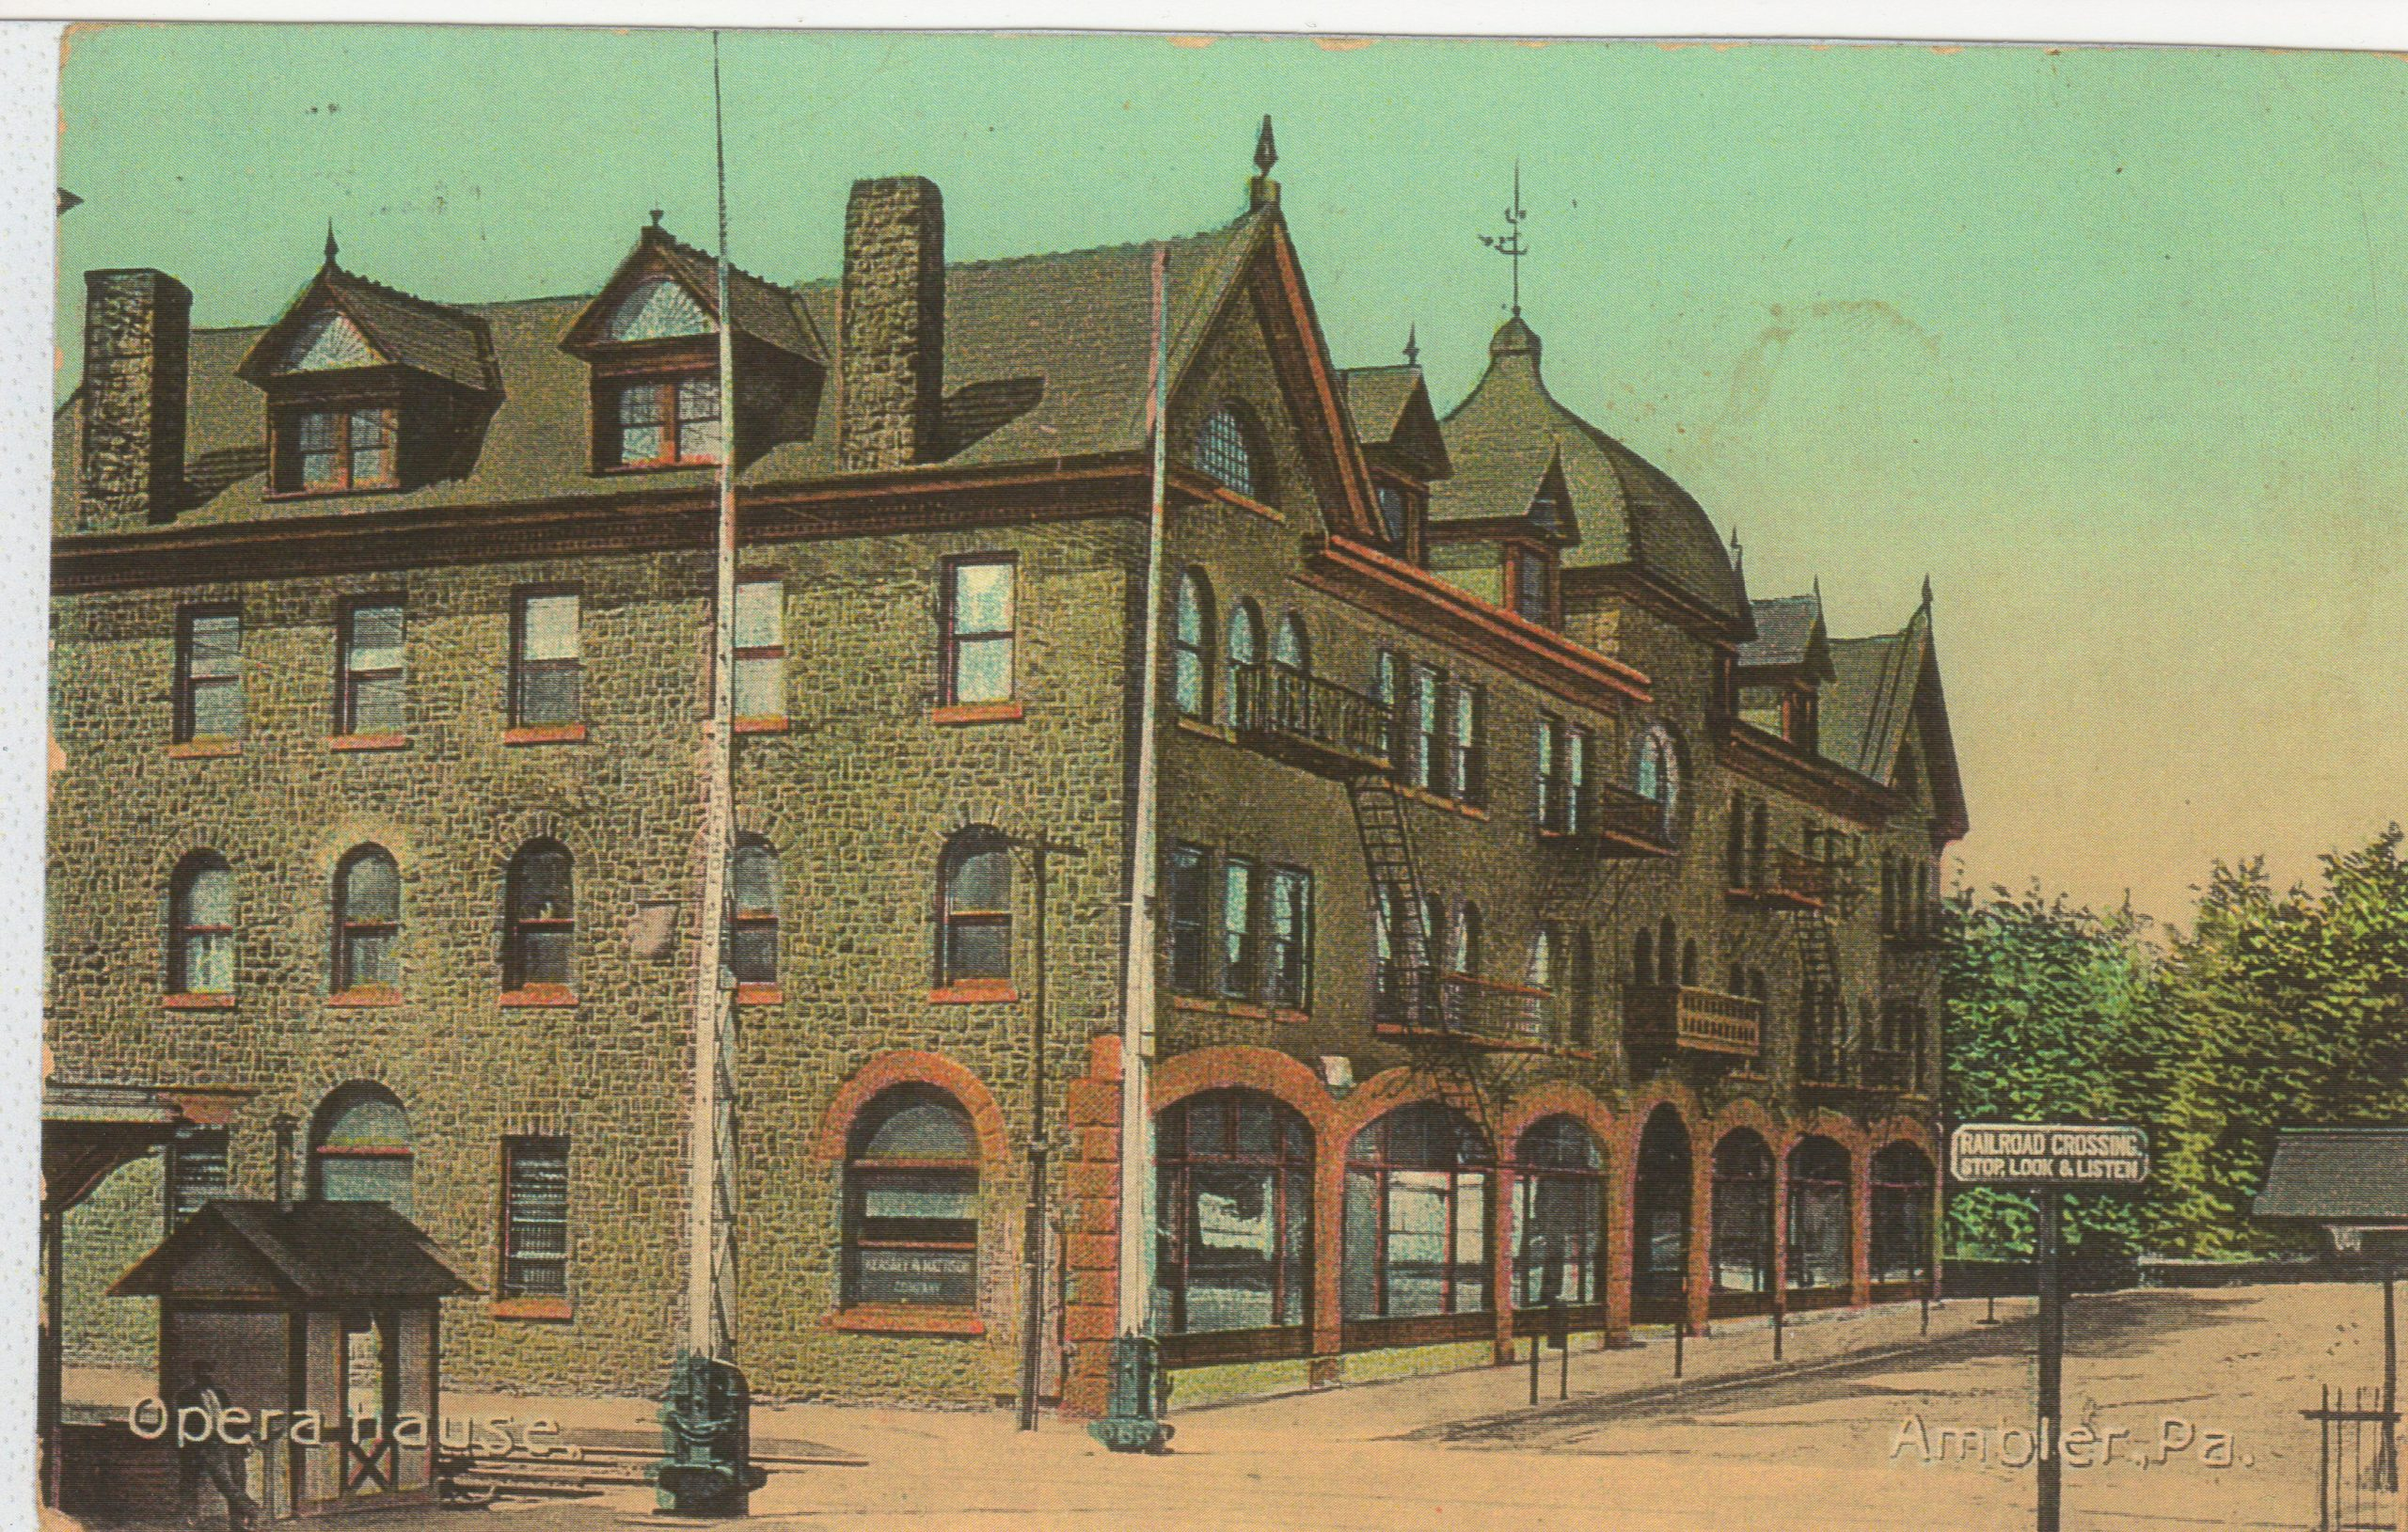 4125.48 Ambler Pa Postcard_Opera House_circa 1913